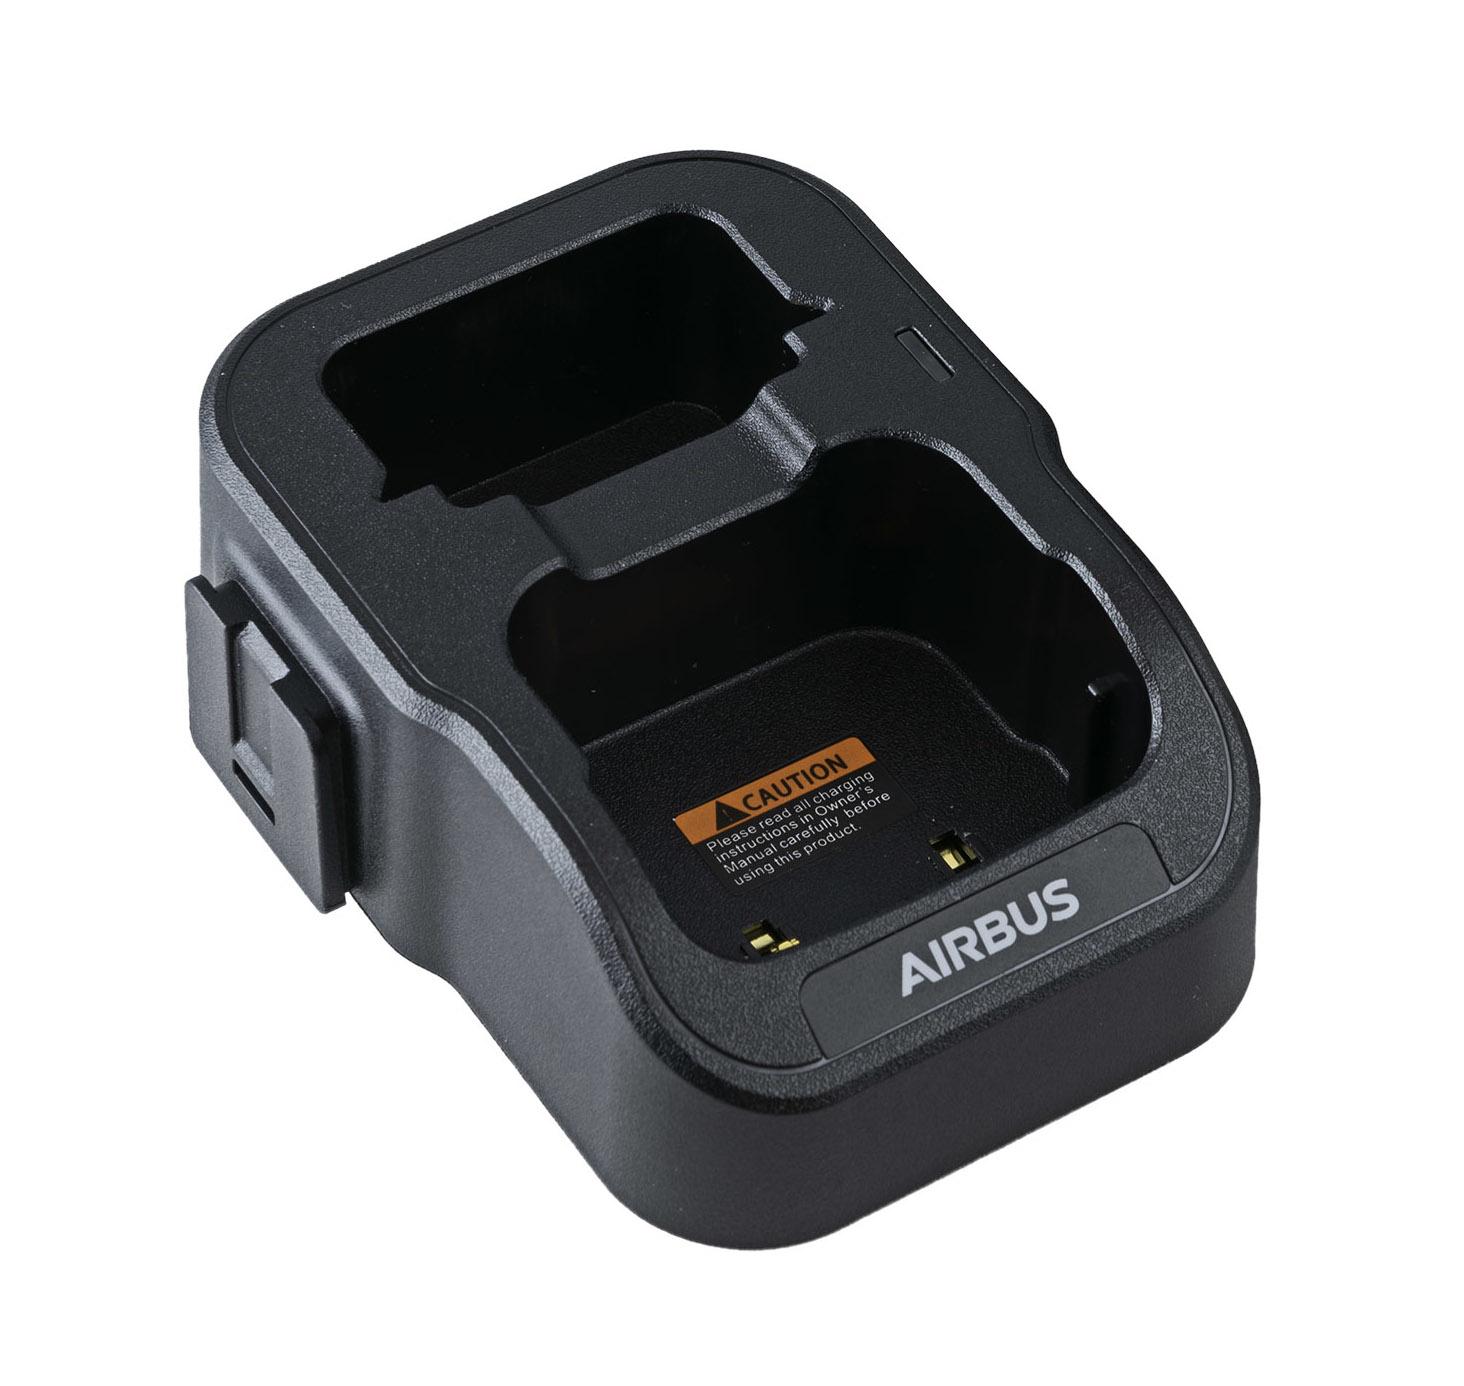 DKC-1M Desktop Charger